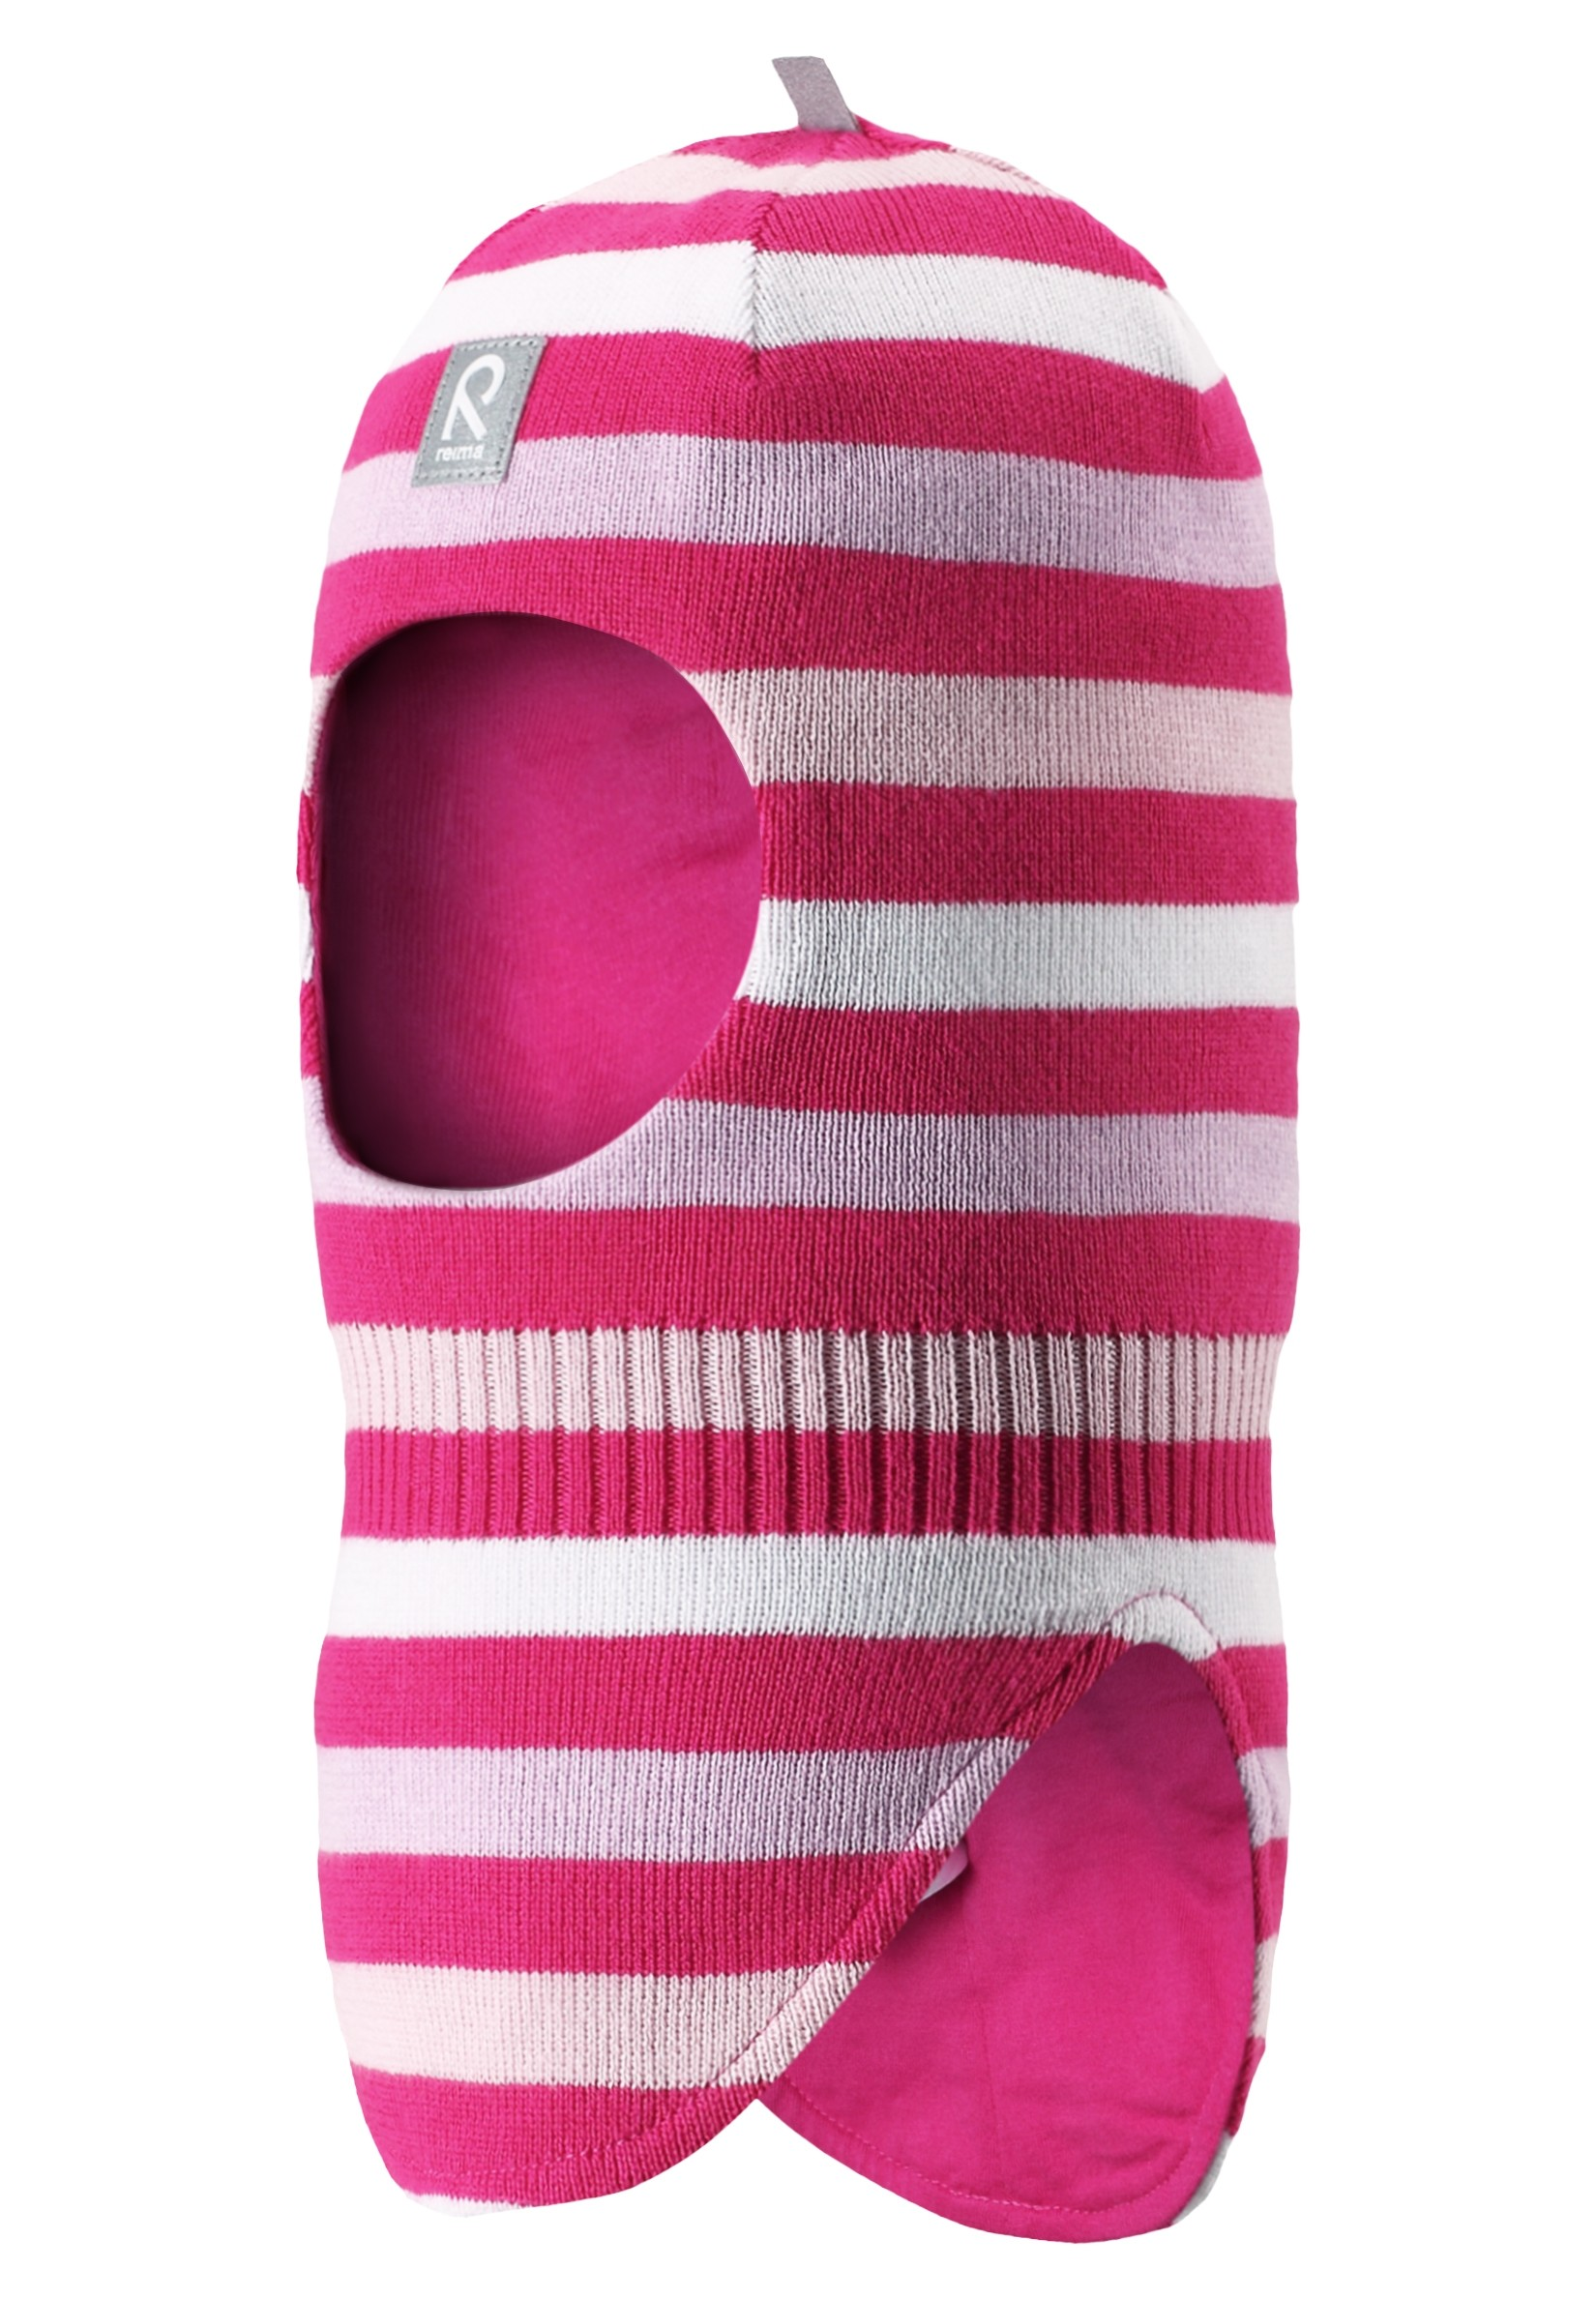 Головные уборы Reima Шапка-шлем для девочки Reima, розовый skiki skiki шапка шлем зимняя синяя